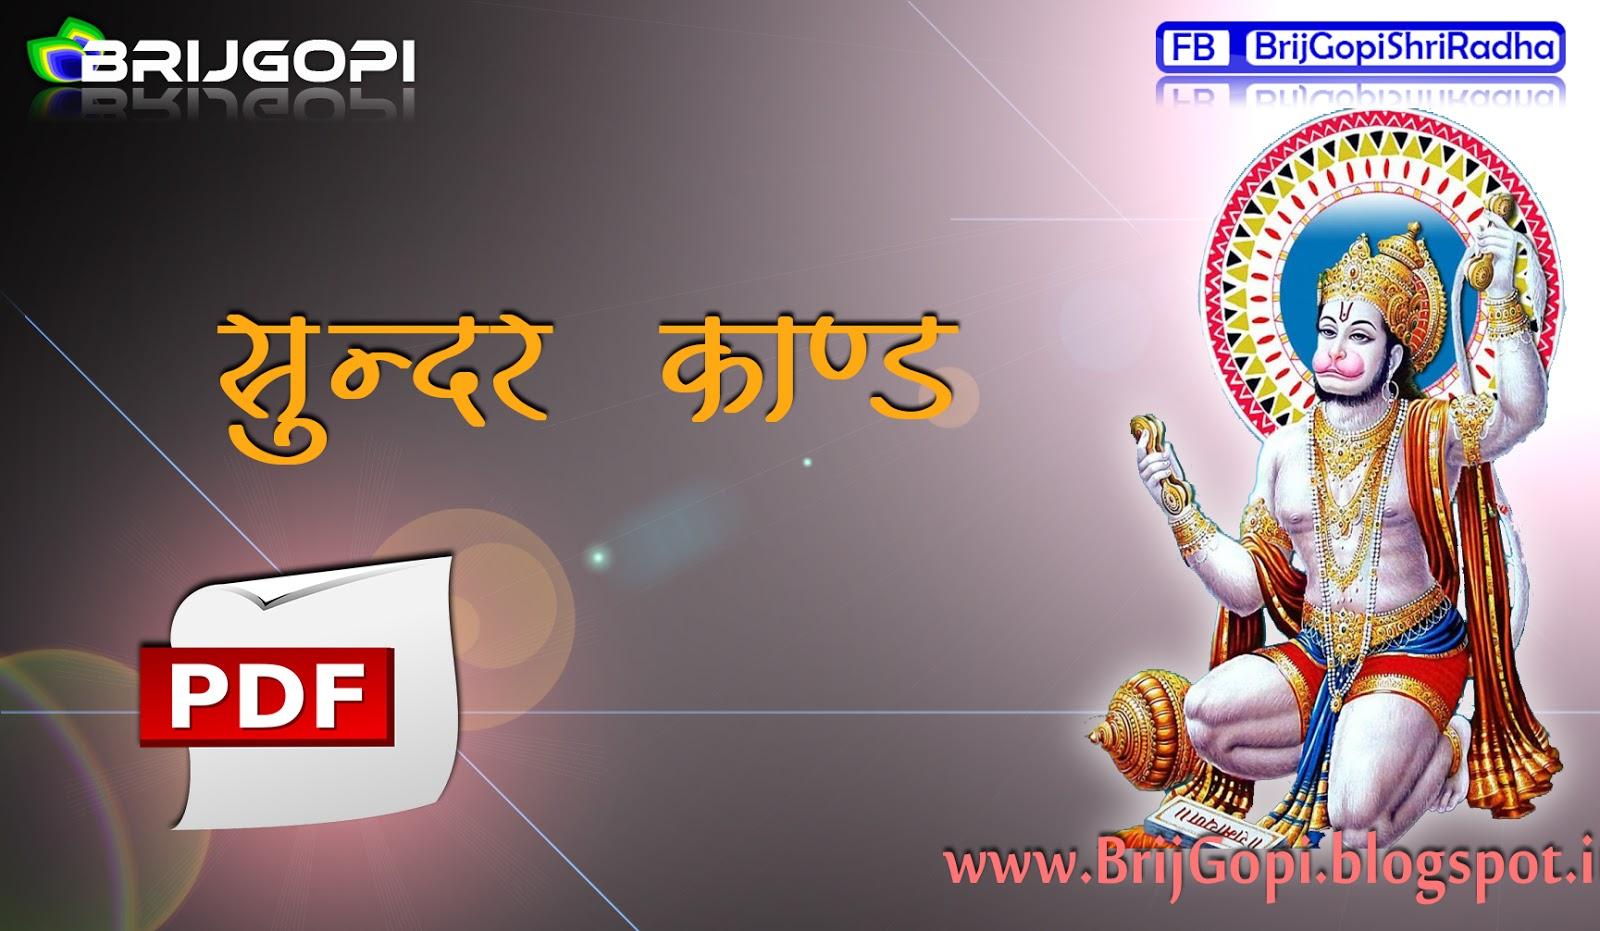 hanuman ji ki photo free download mp3